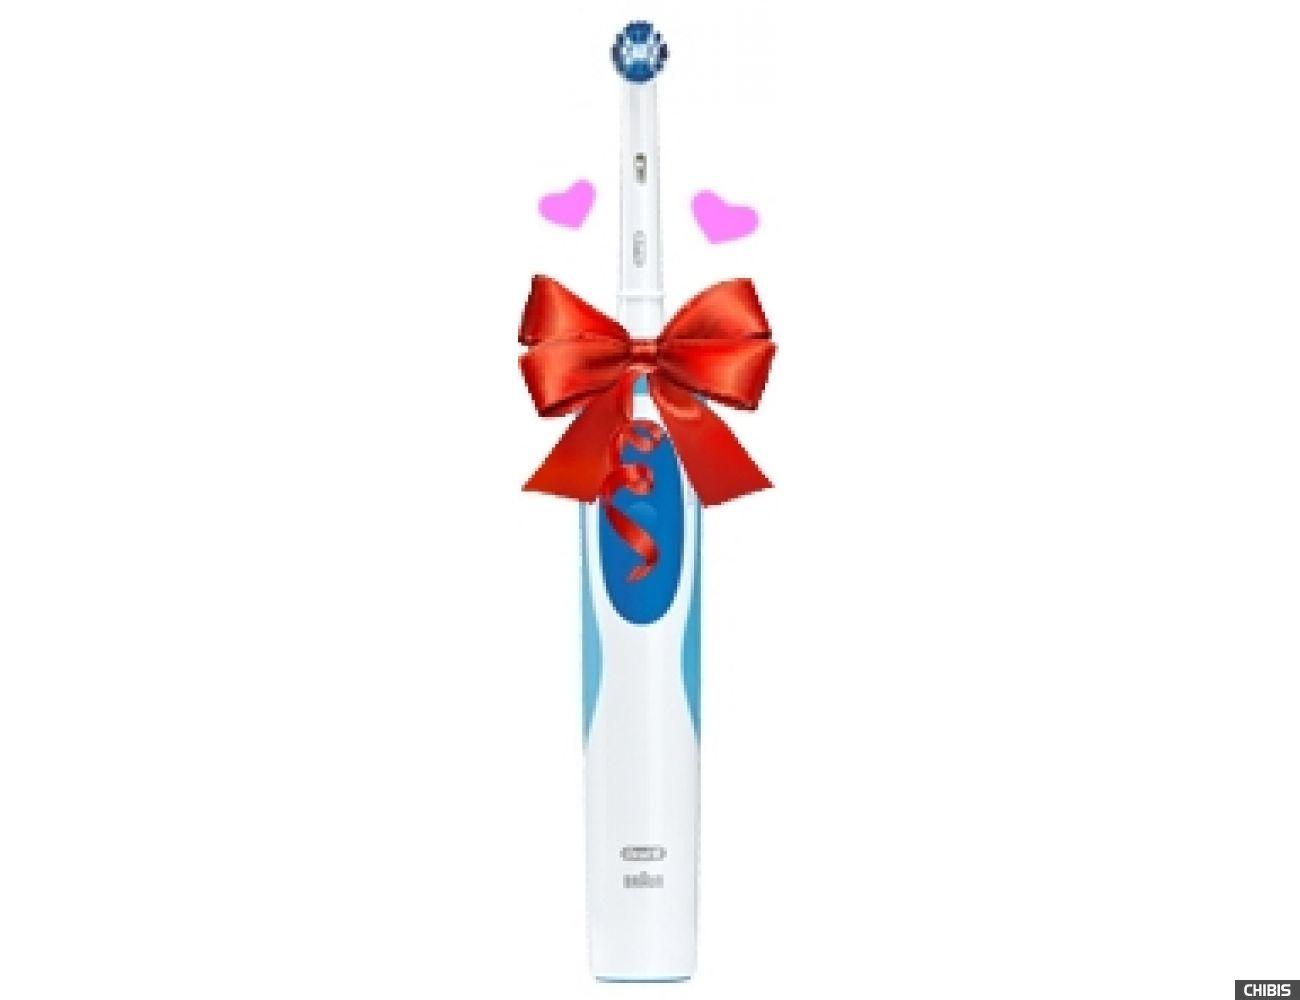 Электрическая зубная щетка Oral B Braun Vitality Precision Clean (D12.513) + паста 75 мл.